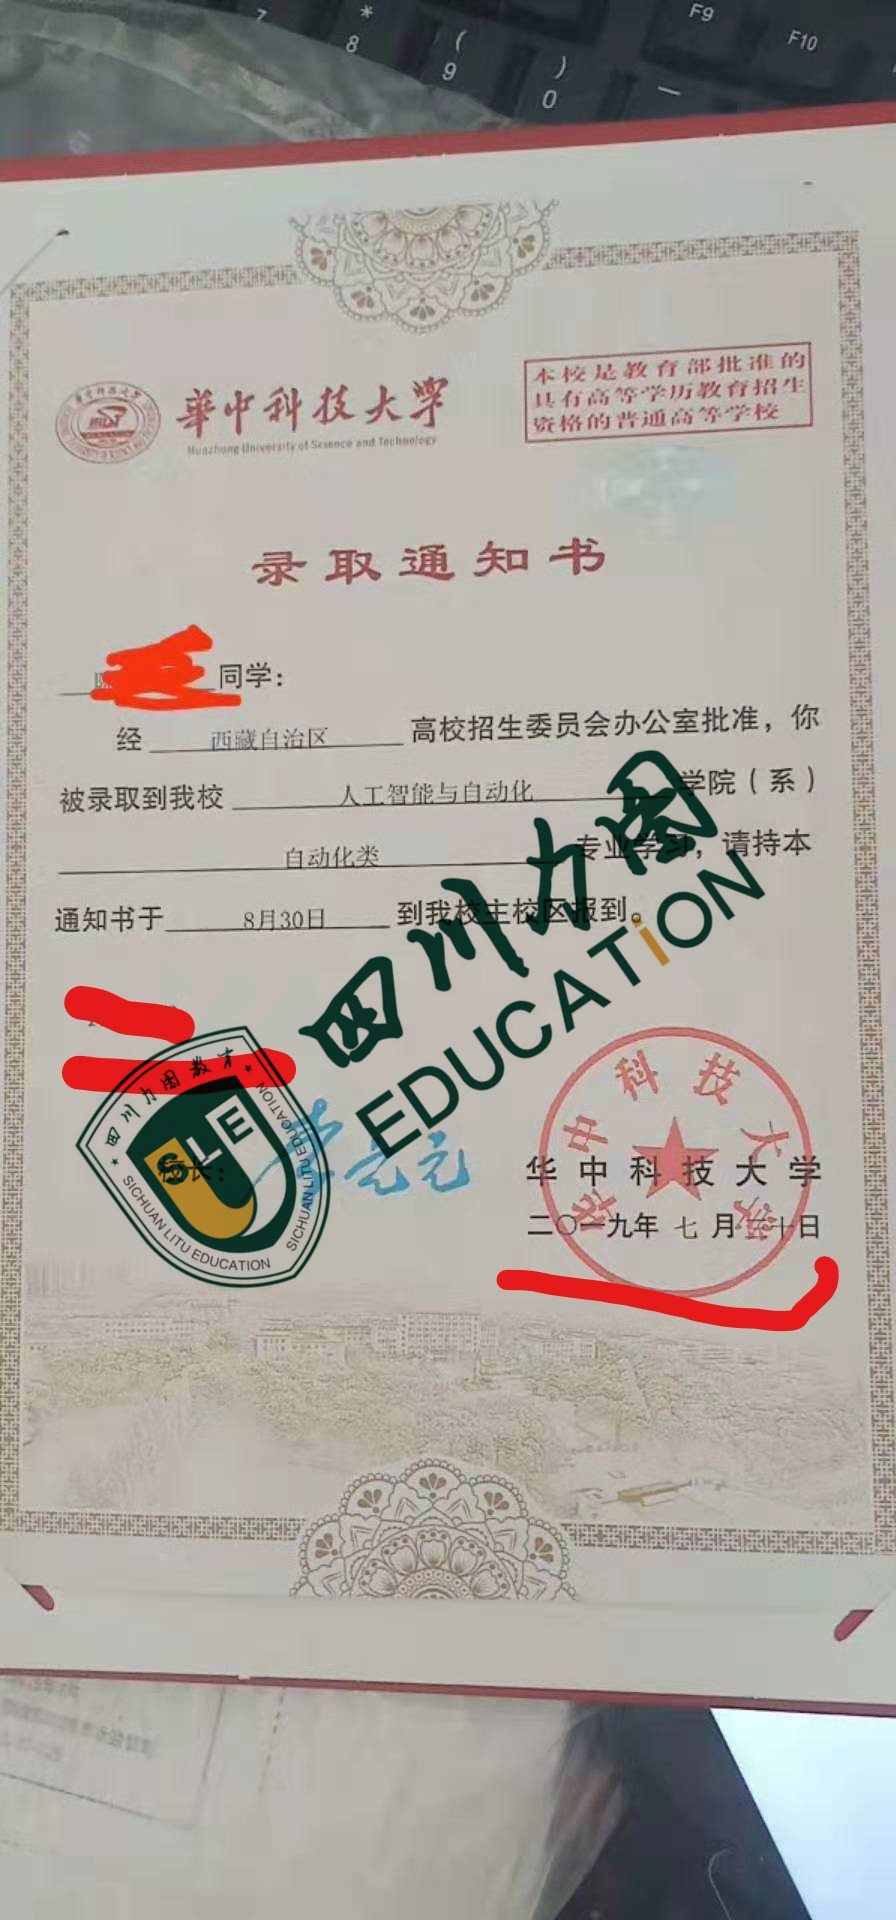 西藏华中科技大学录取通知书